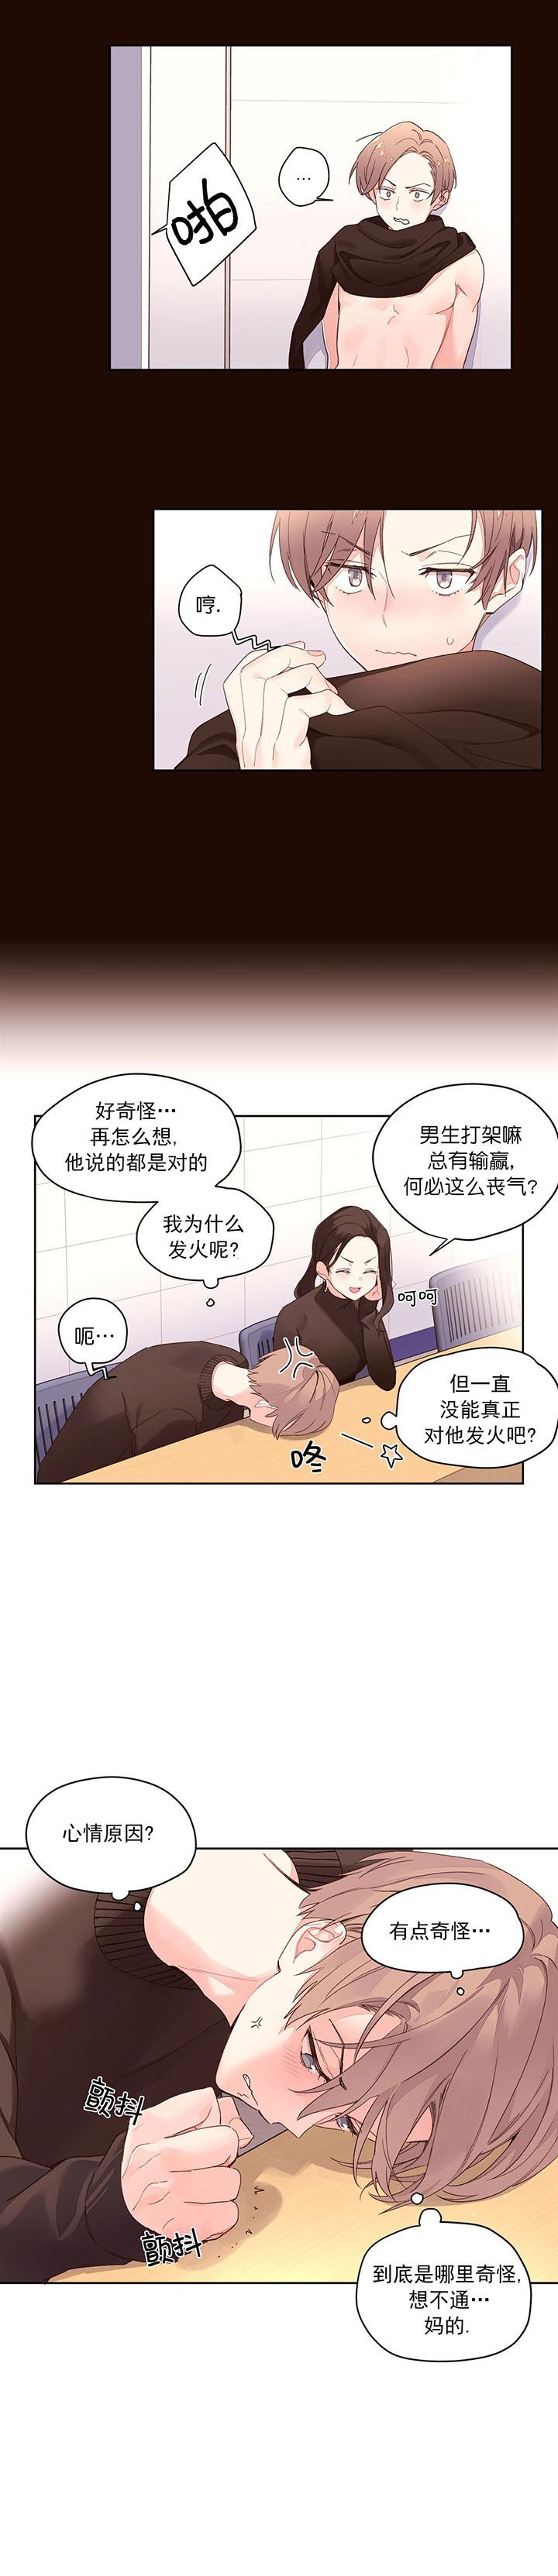 4周恋人-漫画免费下拉式阅读_完整版汉化连载首发-啵乐漫画